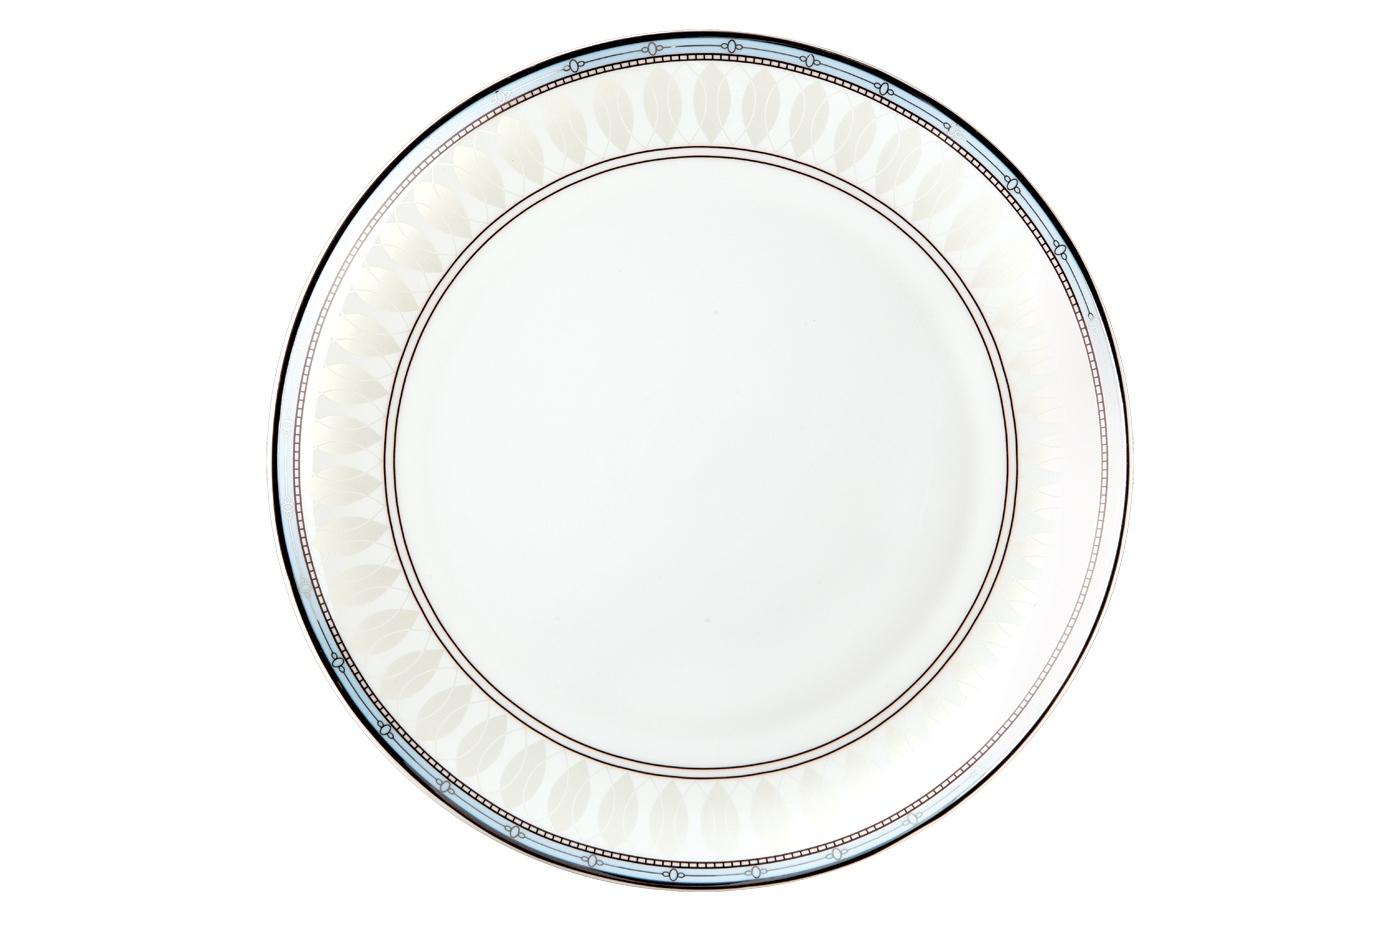 Набор из 6 тарелок Royal Aurel Британия (20см) арт.507Наборы тарелок<br>Набор из 6 тарелок Royal Aurel Британия (20см) арт.507<br>Производить посуду из фарфора начали в Китае на стыке 6-7 веков. Неустанно совершенствуя и селективно отбирая сырье для производства посуды из фарфора, мастерам удалось добиться выдающихся характеристик фарфора: белизны и тонкостенности. В XV веке появился особый интерес к китайской фарфоровой посуде, так как в это время Европе возникла мода на самобытные китайские вещи. Роскошный китайский фарфор являлся изыском и был в новинку, поэтому он выступал в качестве подарка королям, а также знатным людям. Такой дорогой подарок был очень престижен и по праву являлся элитной посудой. Как известно из многочисленных исторических документов, в Европе китайские изделия из фарфора ценились практически как золото. <br>Проверка изделий из костяного фарфора на подлинность <br>По сравнению с производством других видов фарфора процесс производства изделий из настоящего костяного фарфора сложен и весьма длителен. Посуда из изящного фарфора - это элитная посуда, которая всегда ассоциируется с богатством, величием и благородством. Несмотря на небольшую толщину, фарфоровая посуда - это очень прочное изделие. Для демонстрации плотности и прочности фарфора можно легко коснуться предметов посуды из фарфора деревянной палочкой, и тогда мы услушим характерный металлический звон. В составе фарфоровой посуды присутствует костяная зола, благодаря чему она может быть намного тоньше (не более 2,5 мм) и легче твердого или мягкого фарфора. Безупречная белизна - ключевой признак отличия такого фарфора от других. Цвет обычного фарфора сероватый или ближе к голубоватому, а костяной фарфор будет всегда будет молочно-белого цвета. Характерная и немаловажная деталь - это невесомая прозрачность изделий из фарфора такая, что сквозь него проходит свет.<br>